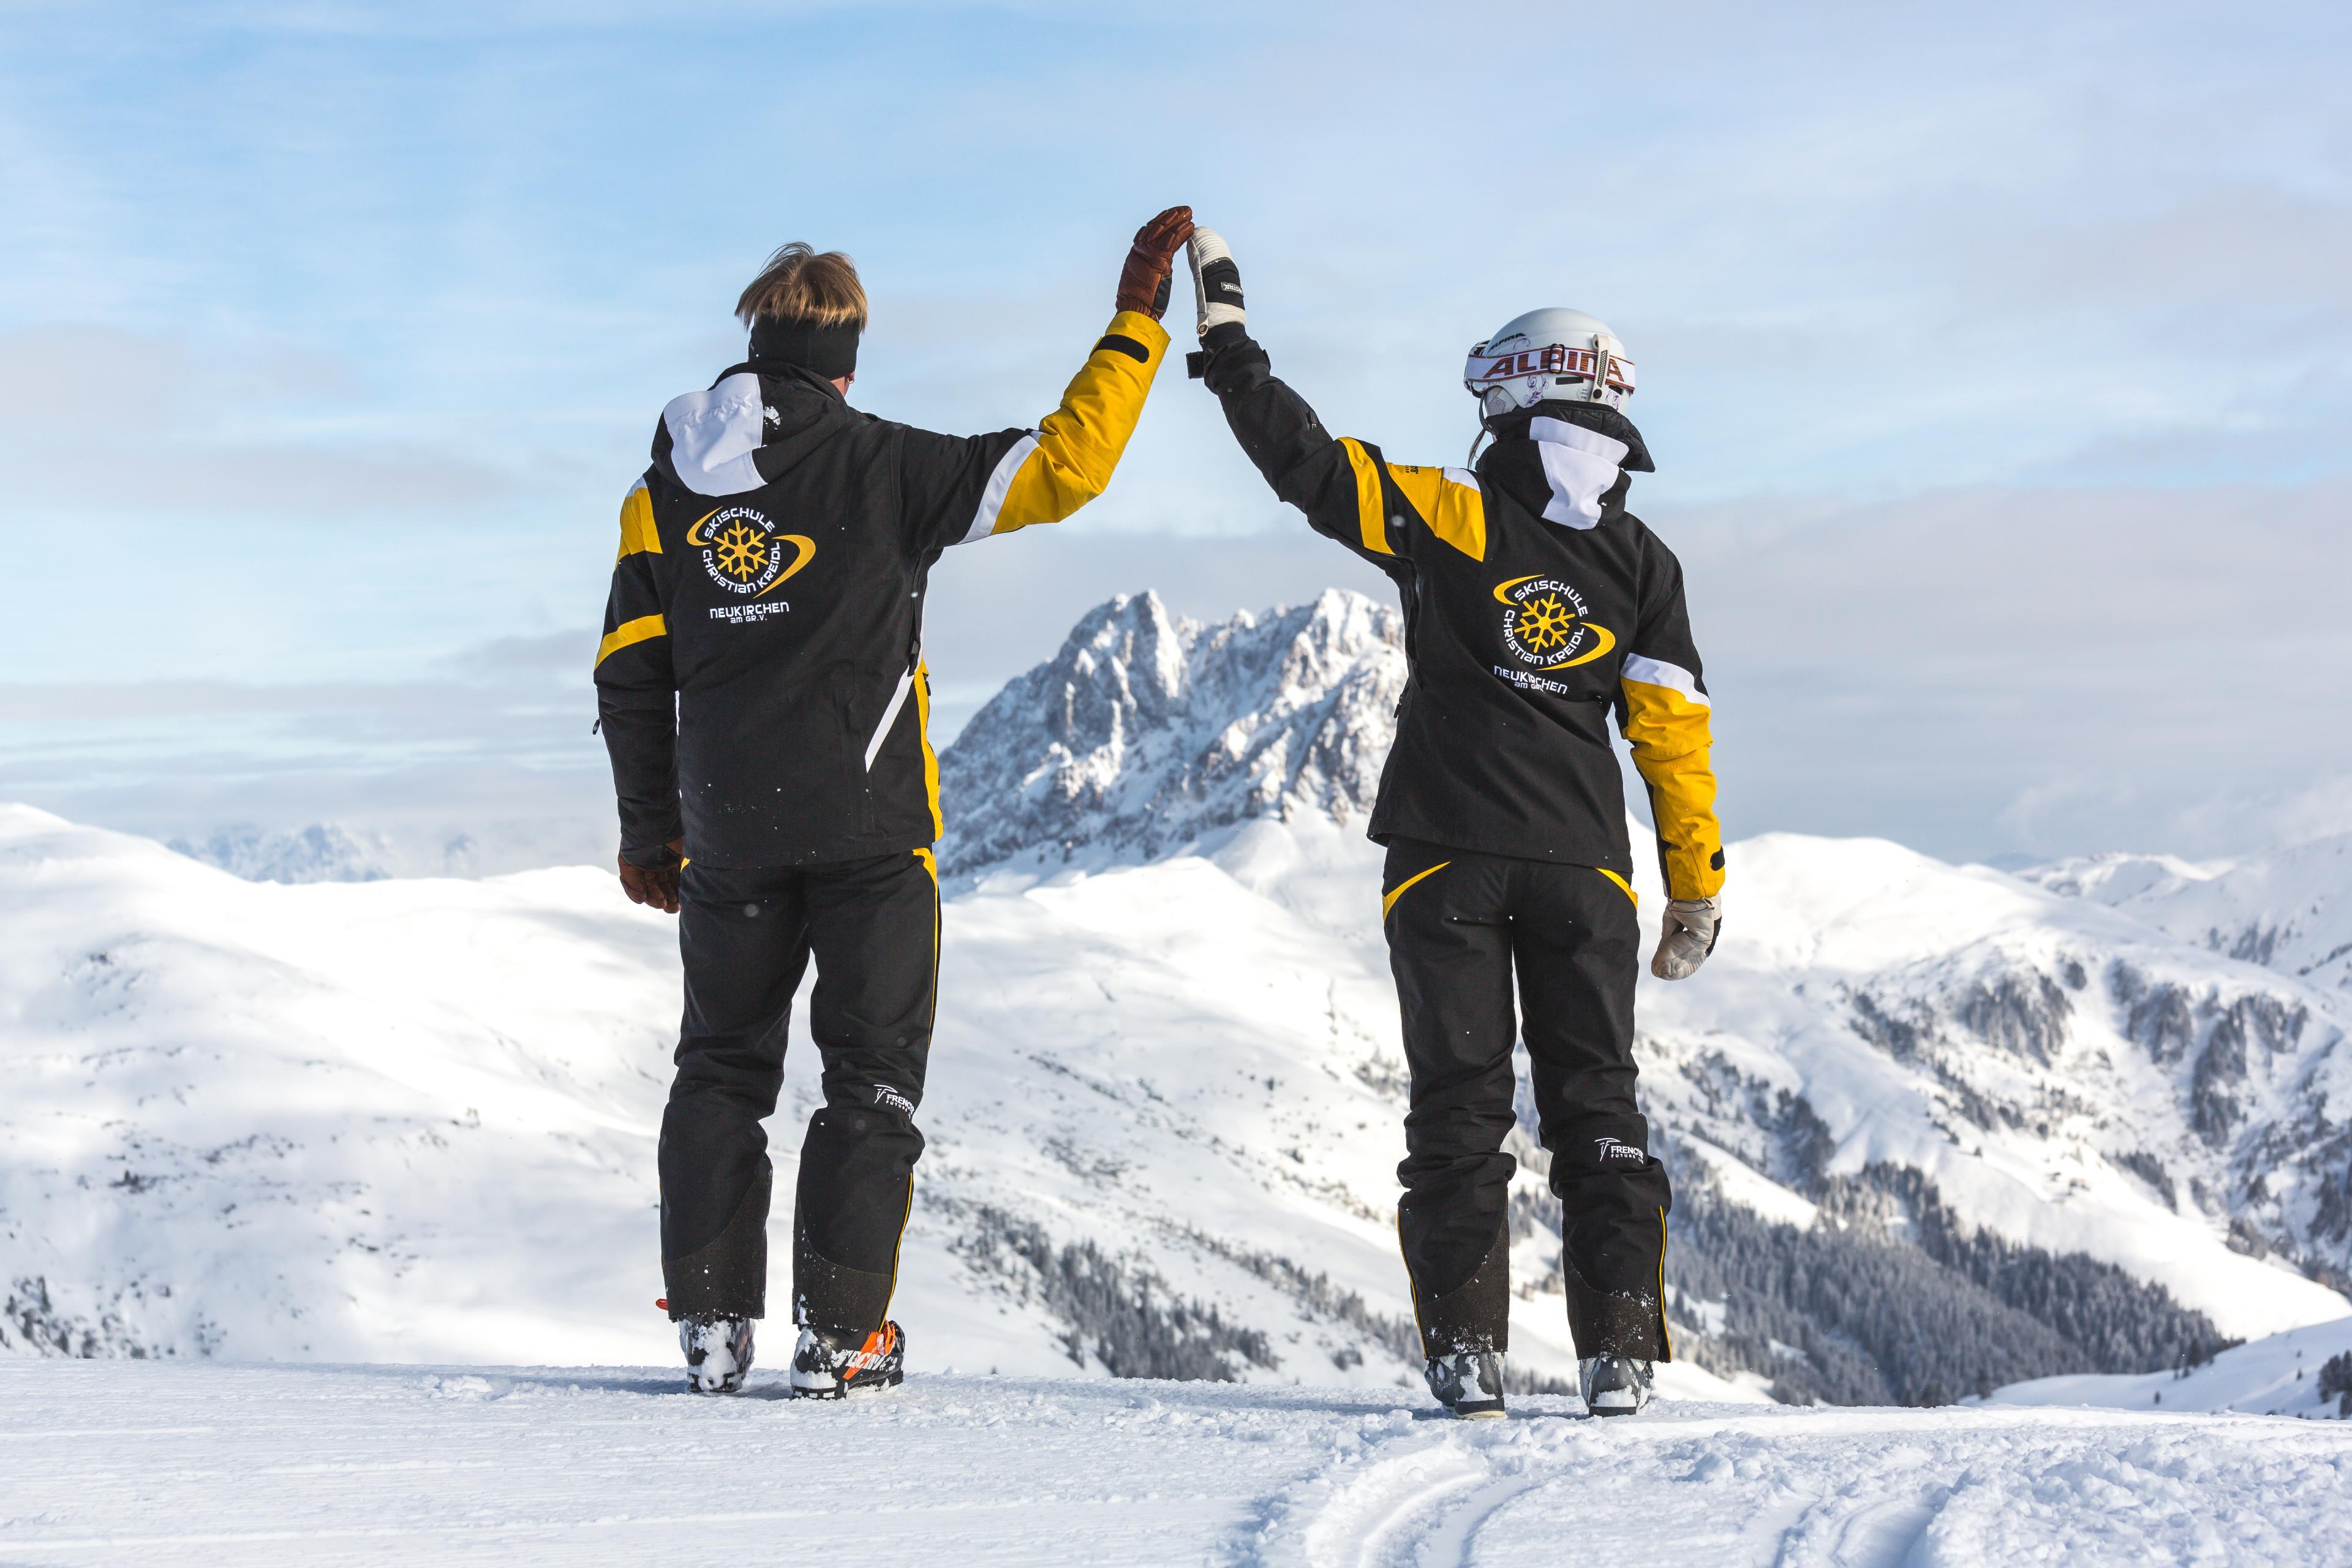 Ski Lessons for Kids (3-14 years) - Beginner